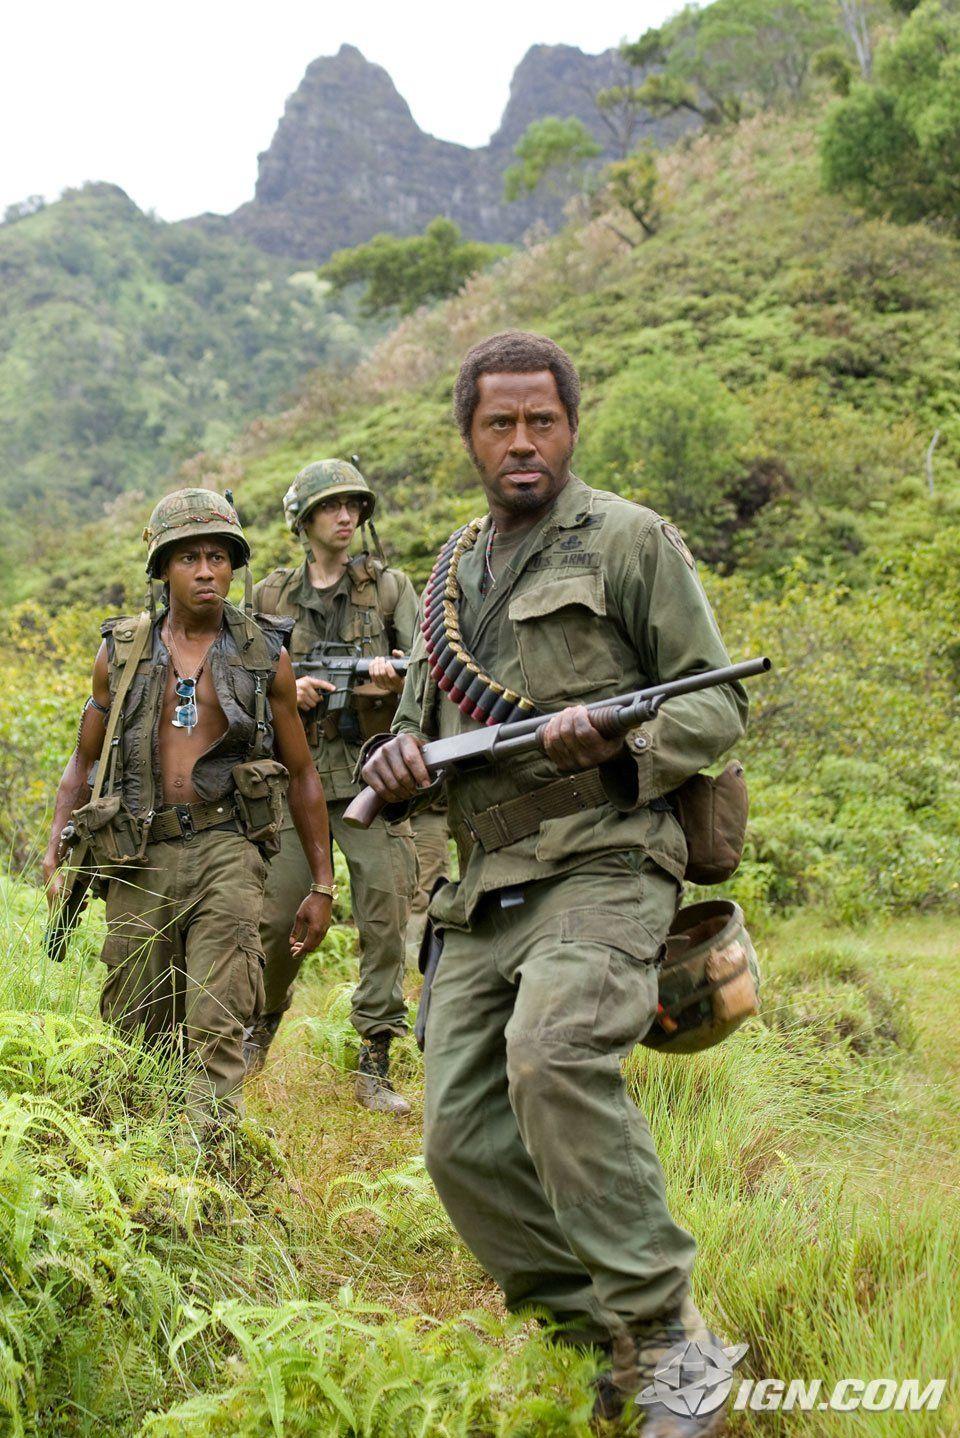 Солдаты смотреть онлайн 26 фотография